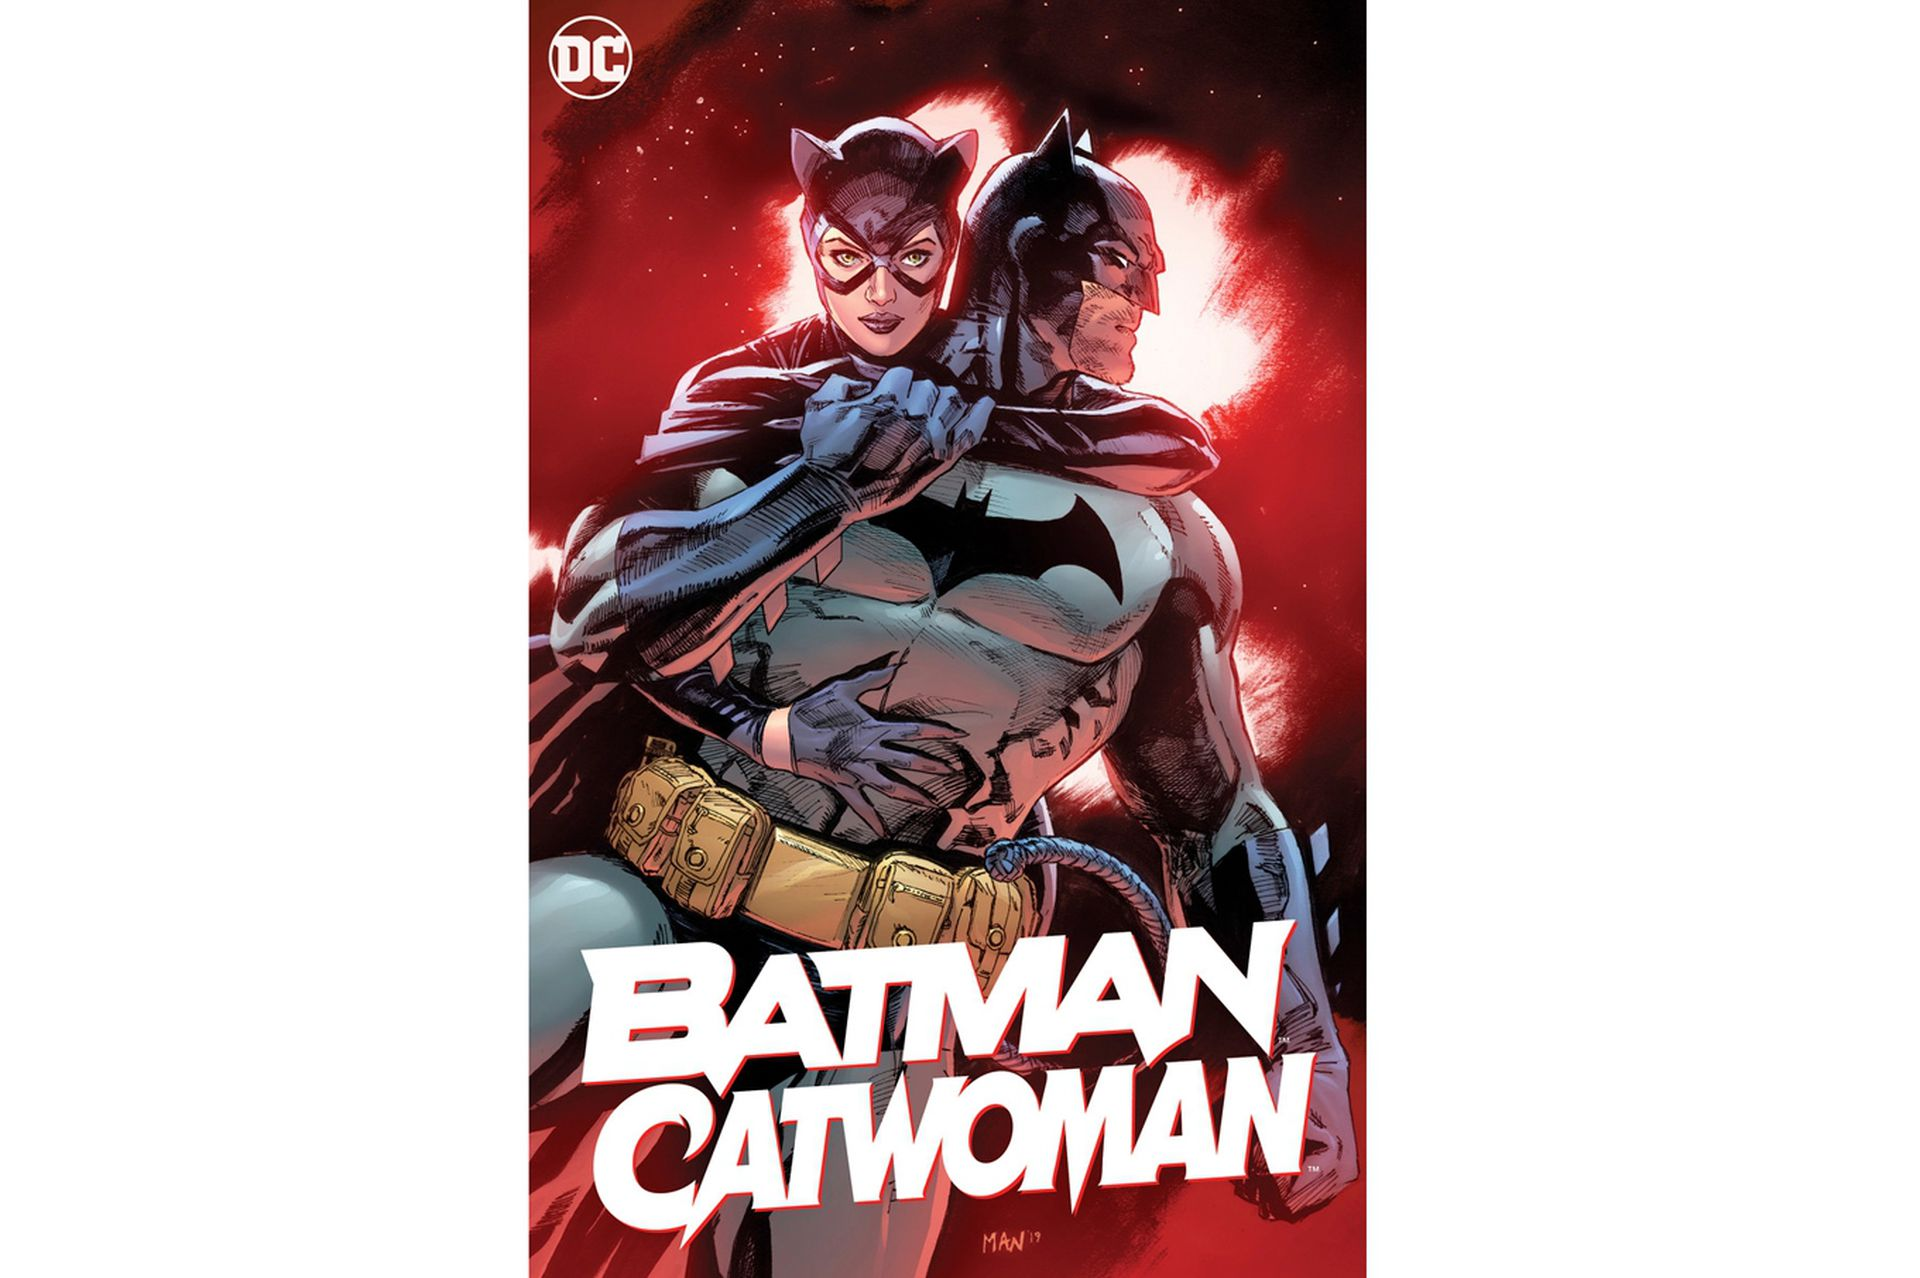 Ilustración de Clay Mann para la portada del primer número de la miniserie gráfica Batman / Catwoman, de DC Comics, que estará disponible a fin de año